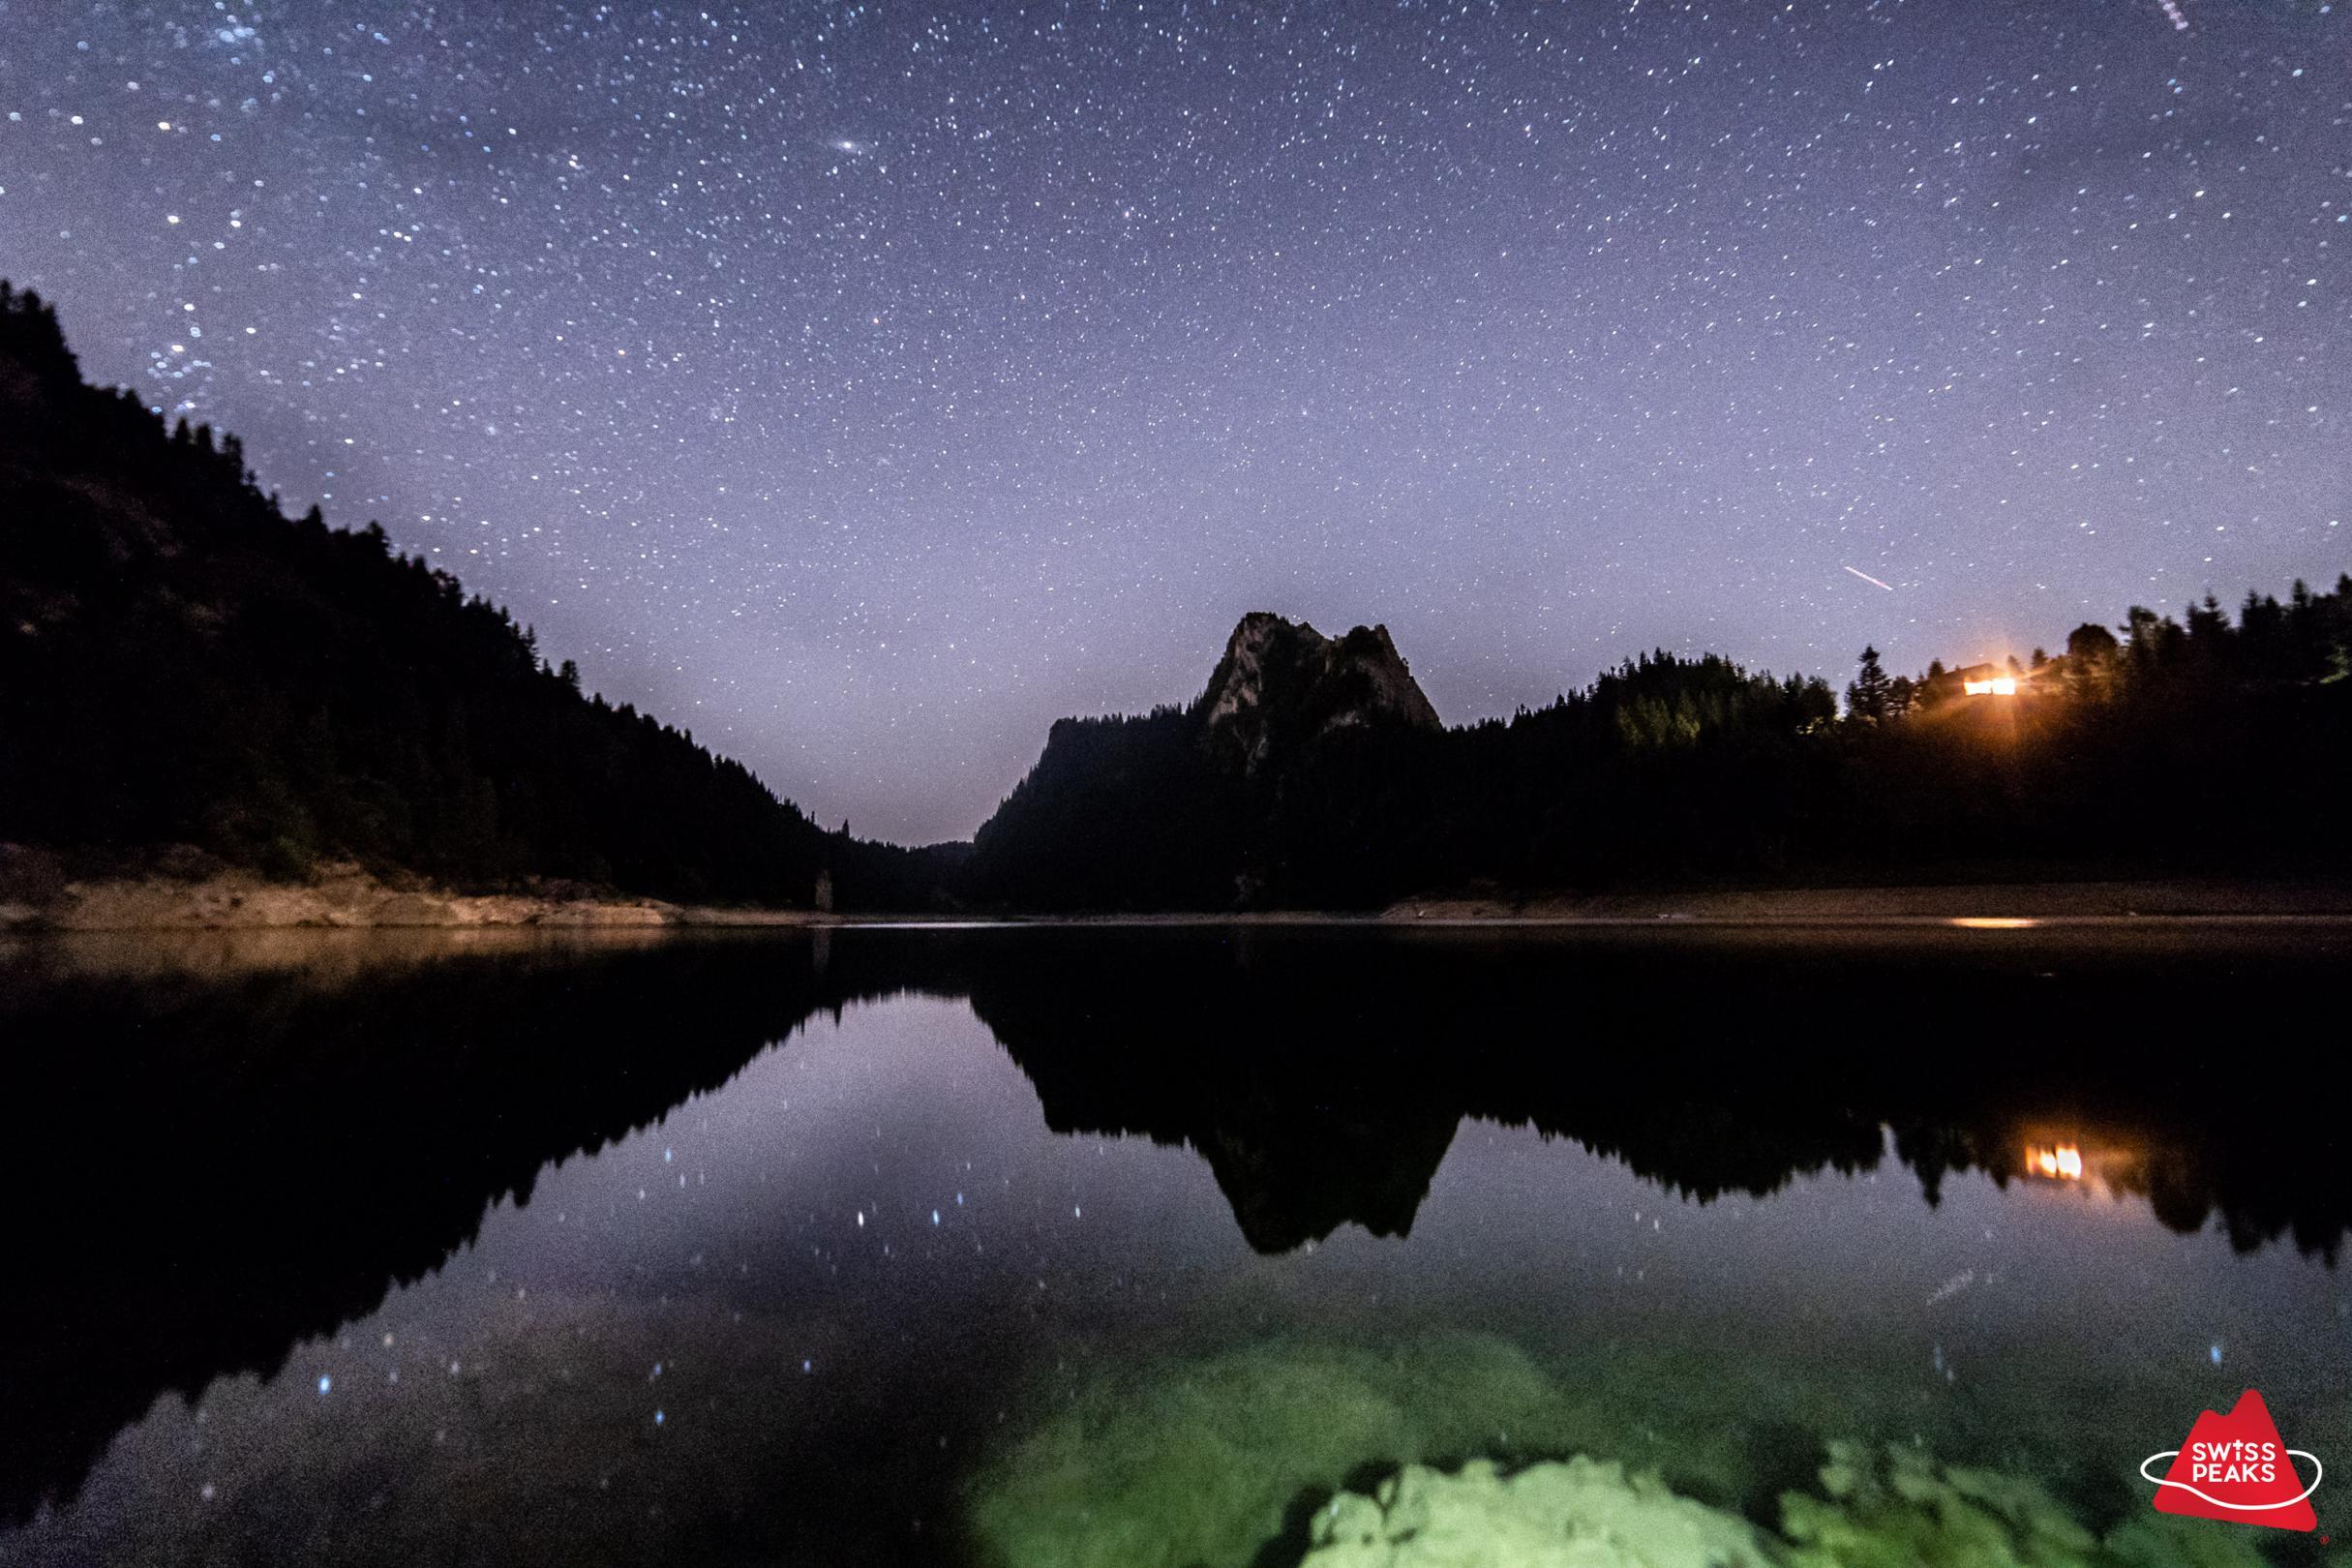 SwissPeaks Trail_Ambiance de nuit.jpg